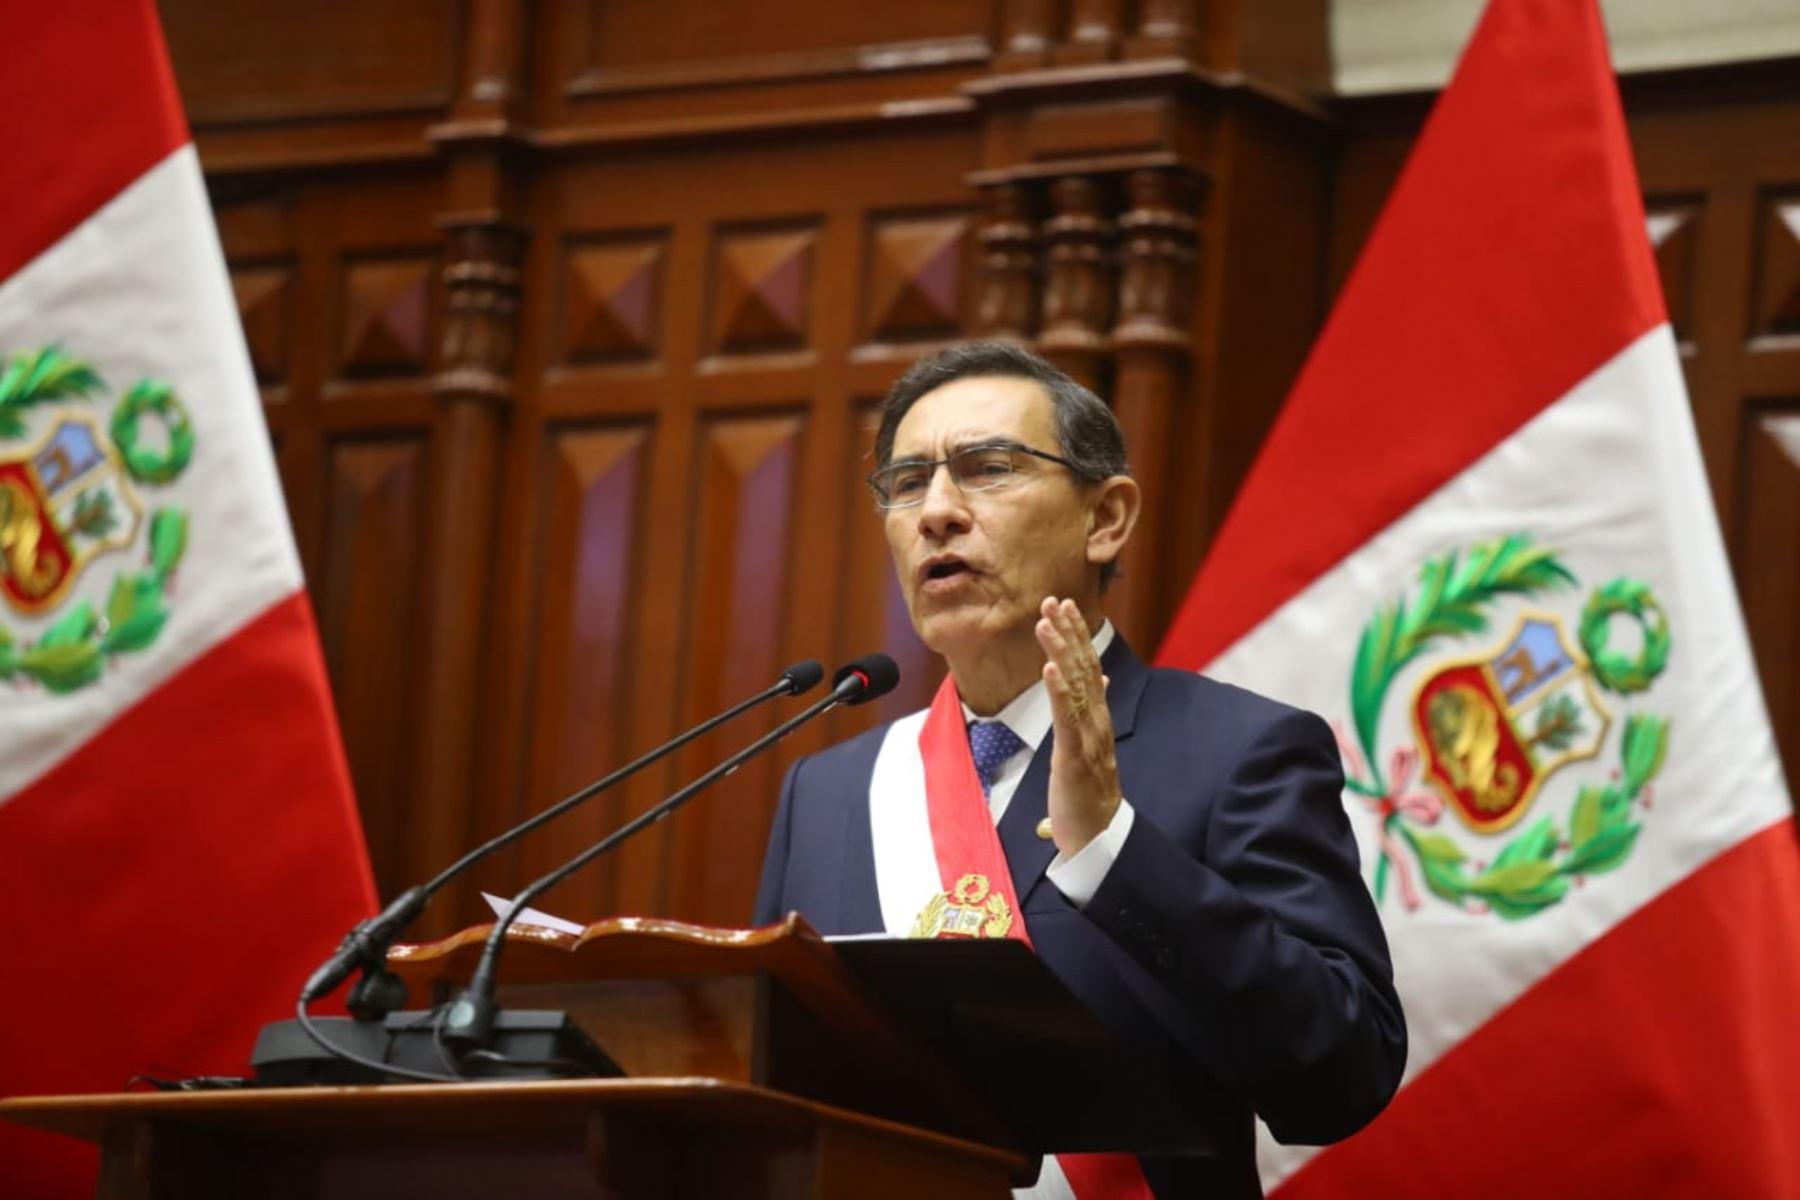 Mensaje a la Nación: lee las frases más destacadas del presidente ...